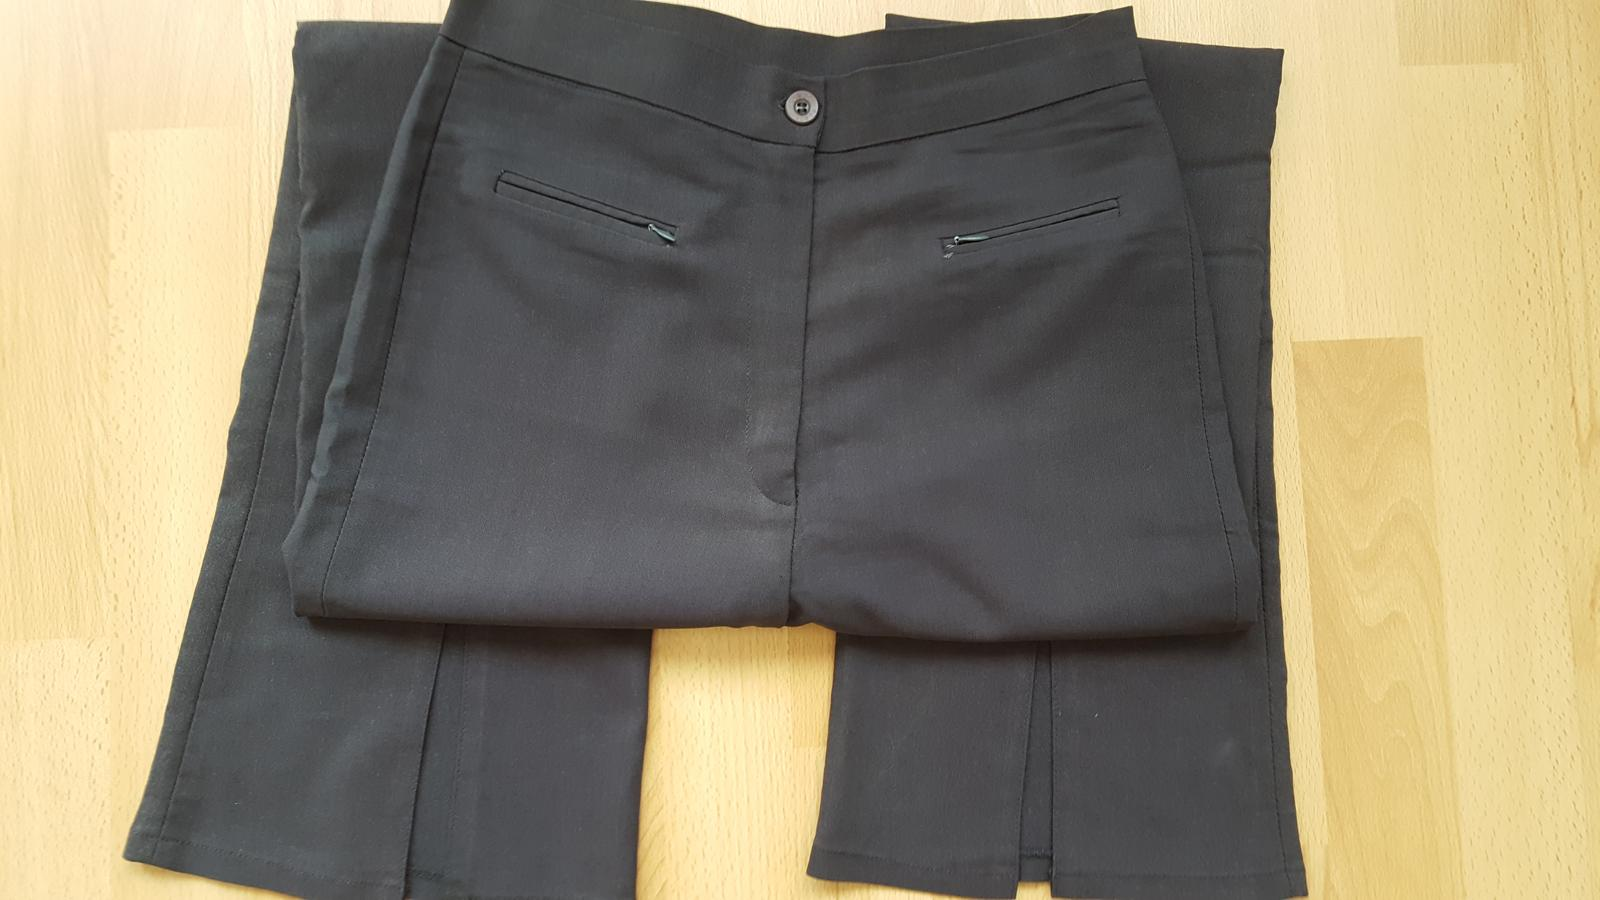 Kalhoty šedé  vel.L - Obrázek č. 1